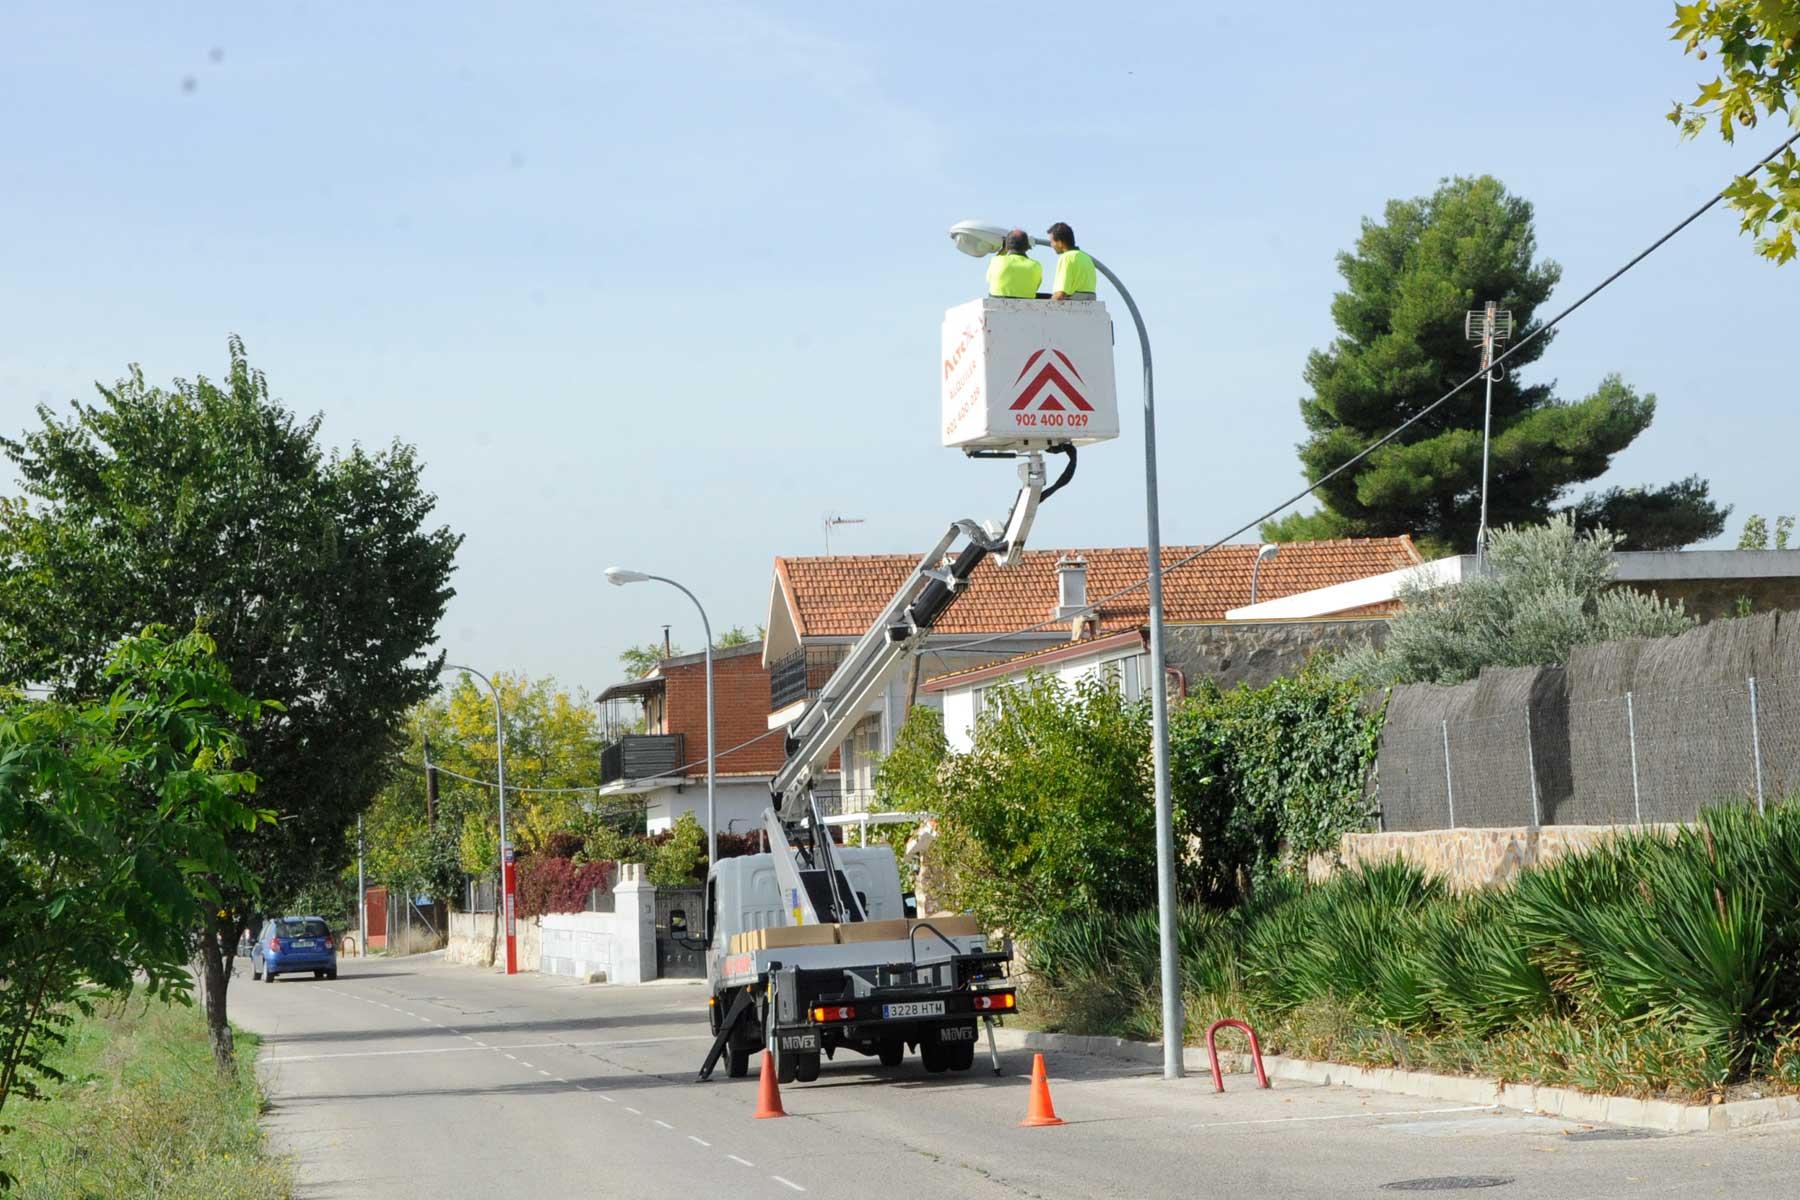 El ayuntamiento calcula que, con esta medida, evitará la emisión de más de 150 toneladas de CO2 al año